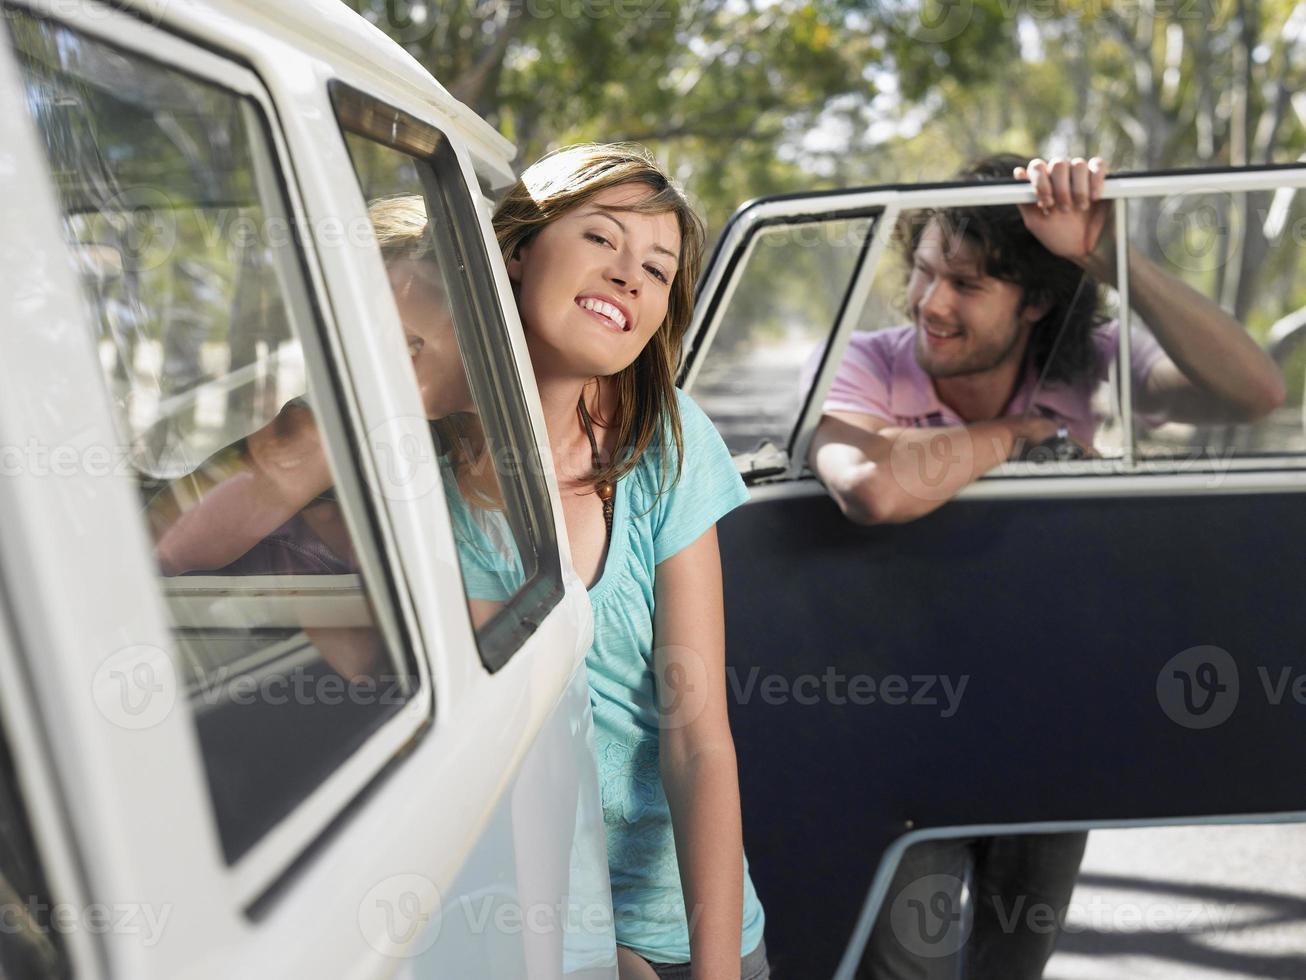 coppia sporgendosi fuori camper durante il viaggio foto